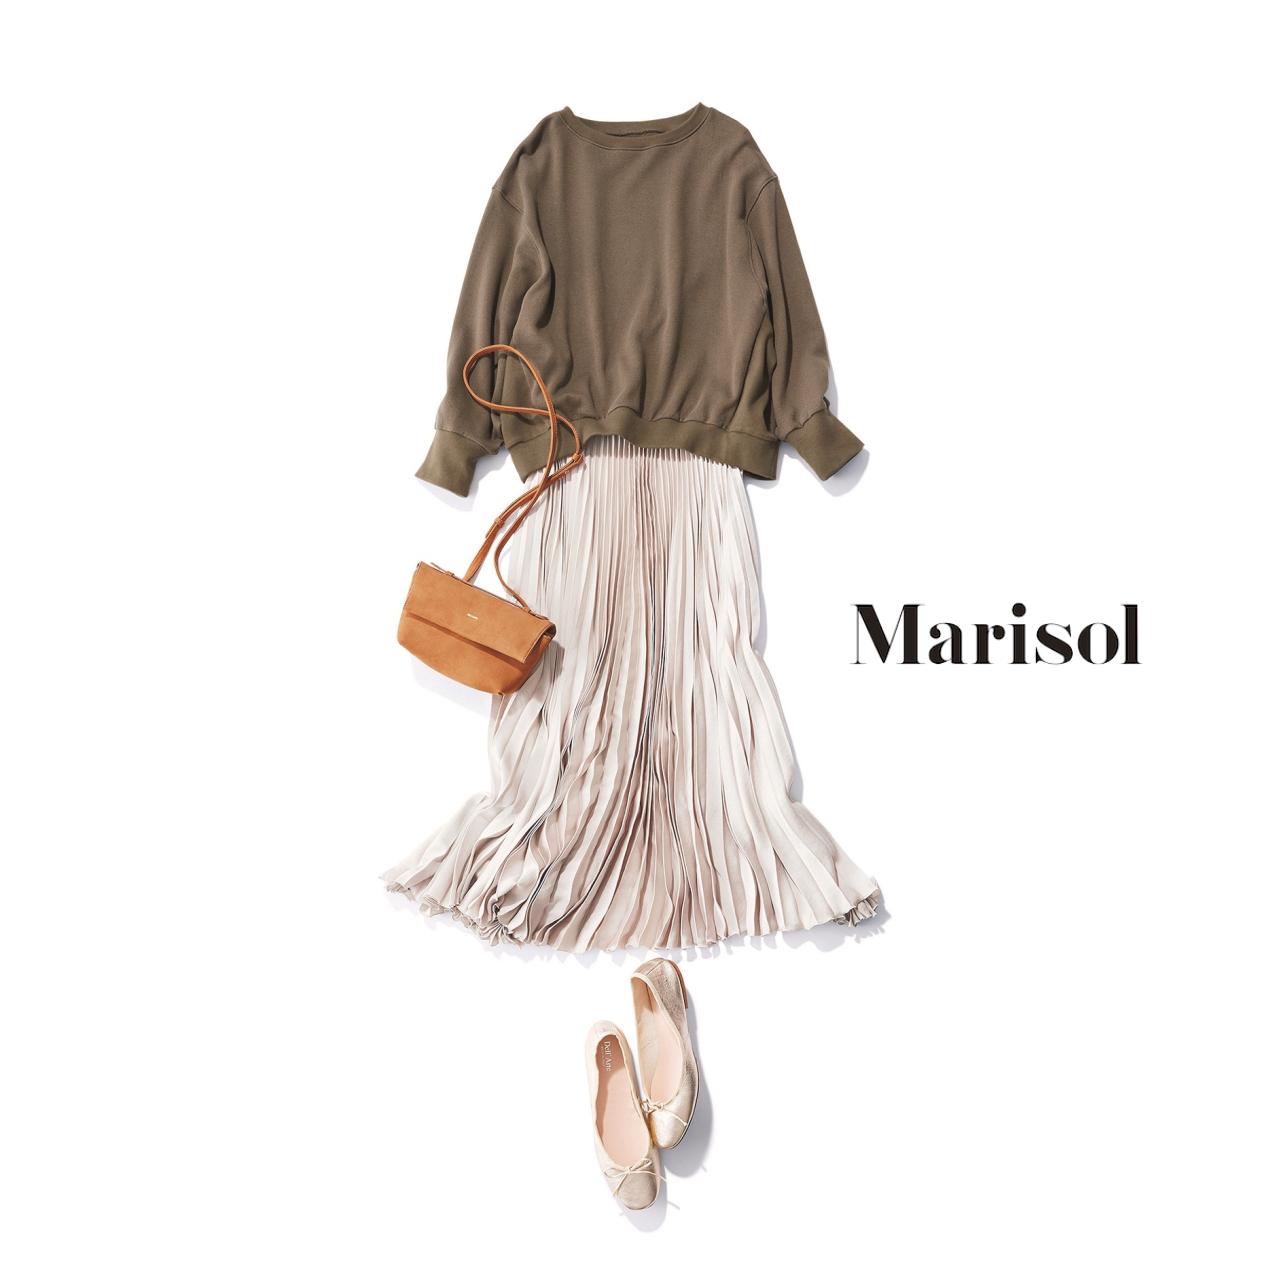 40代ファッション スウェット×プリーツスカートコーデ